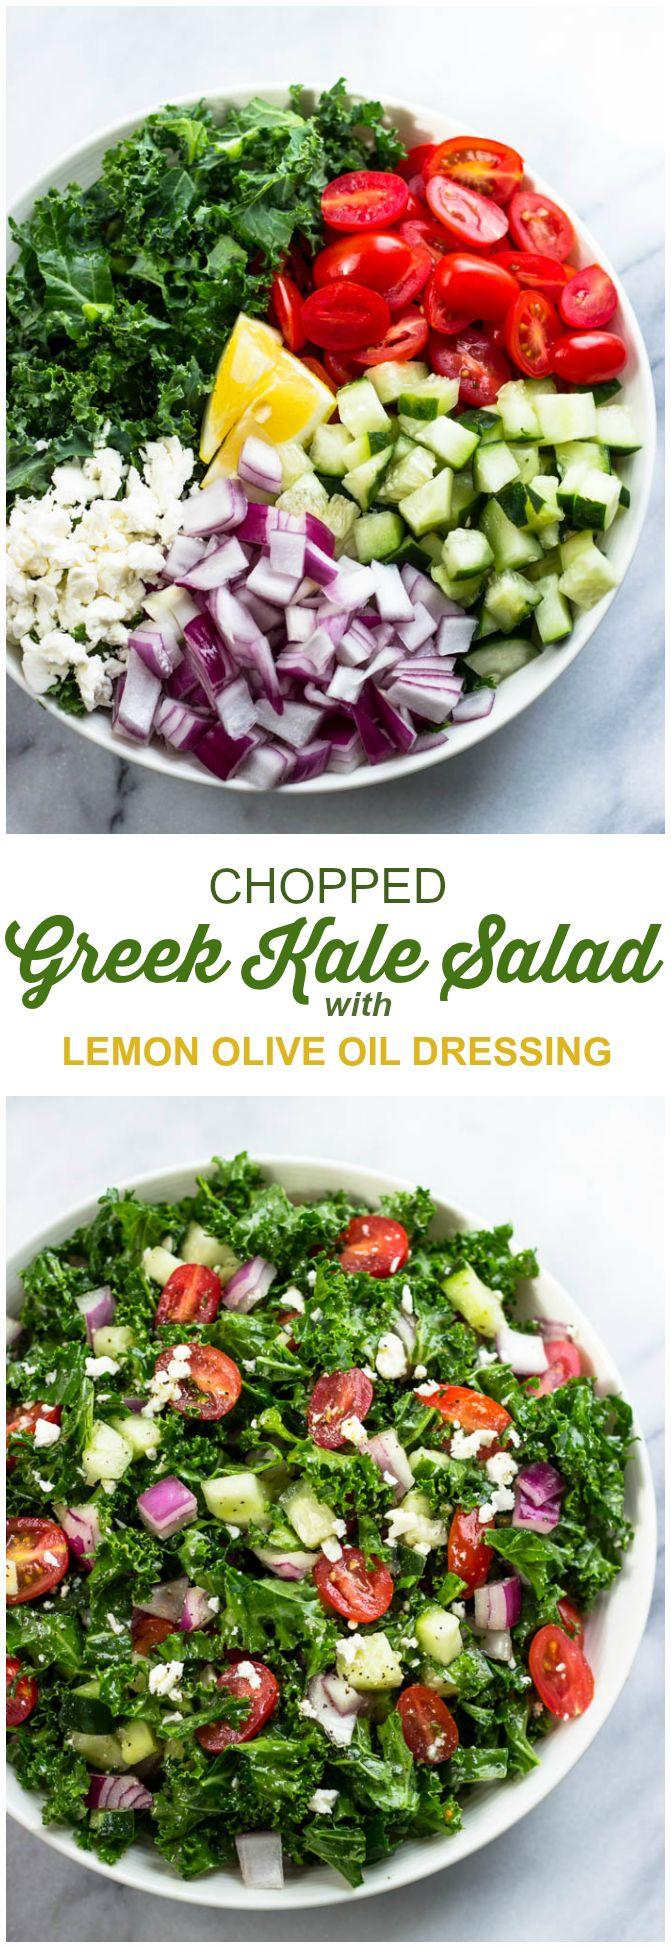 Greek Kale Salad with lemon Olive Oil Dressing | Brunch Time Baker